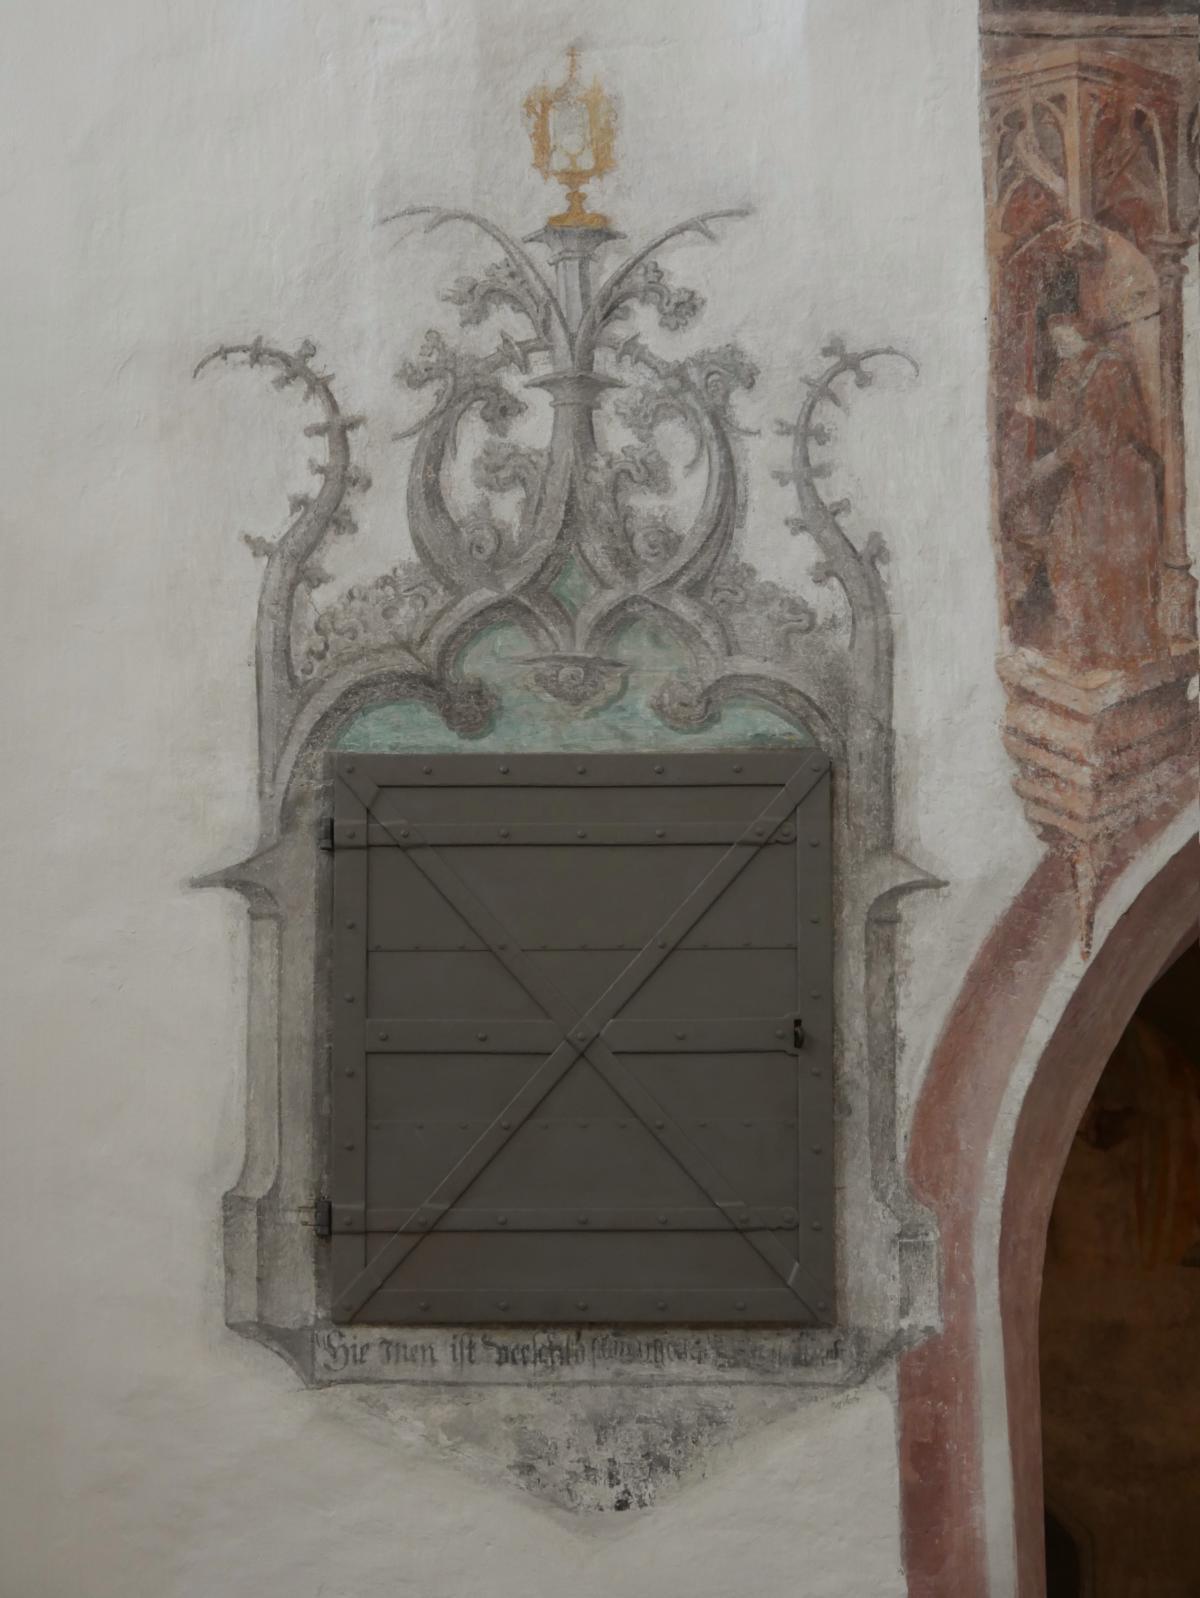 Hl. Geist Tür Sakramentsnische